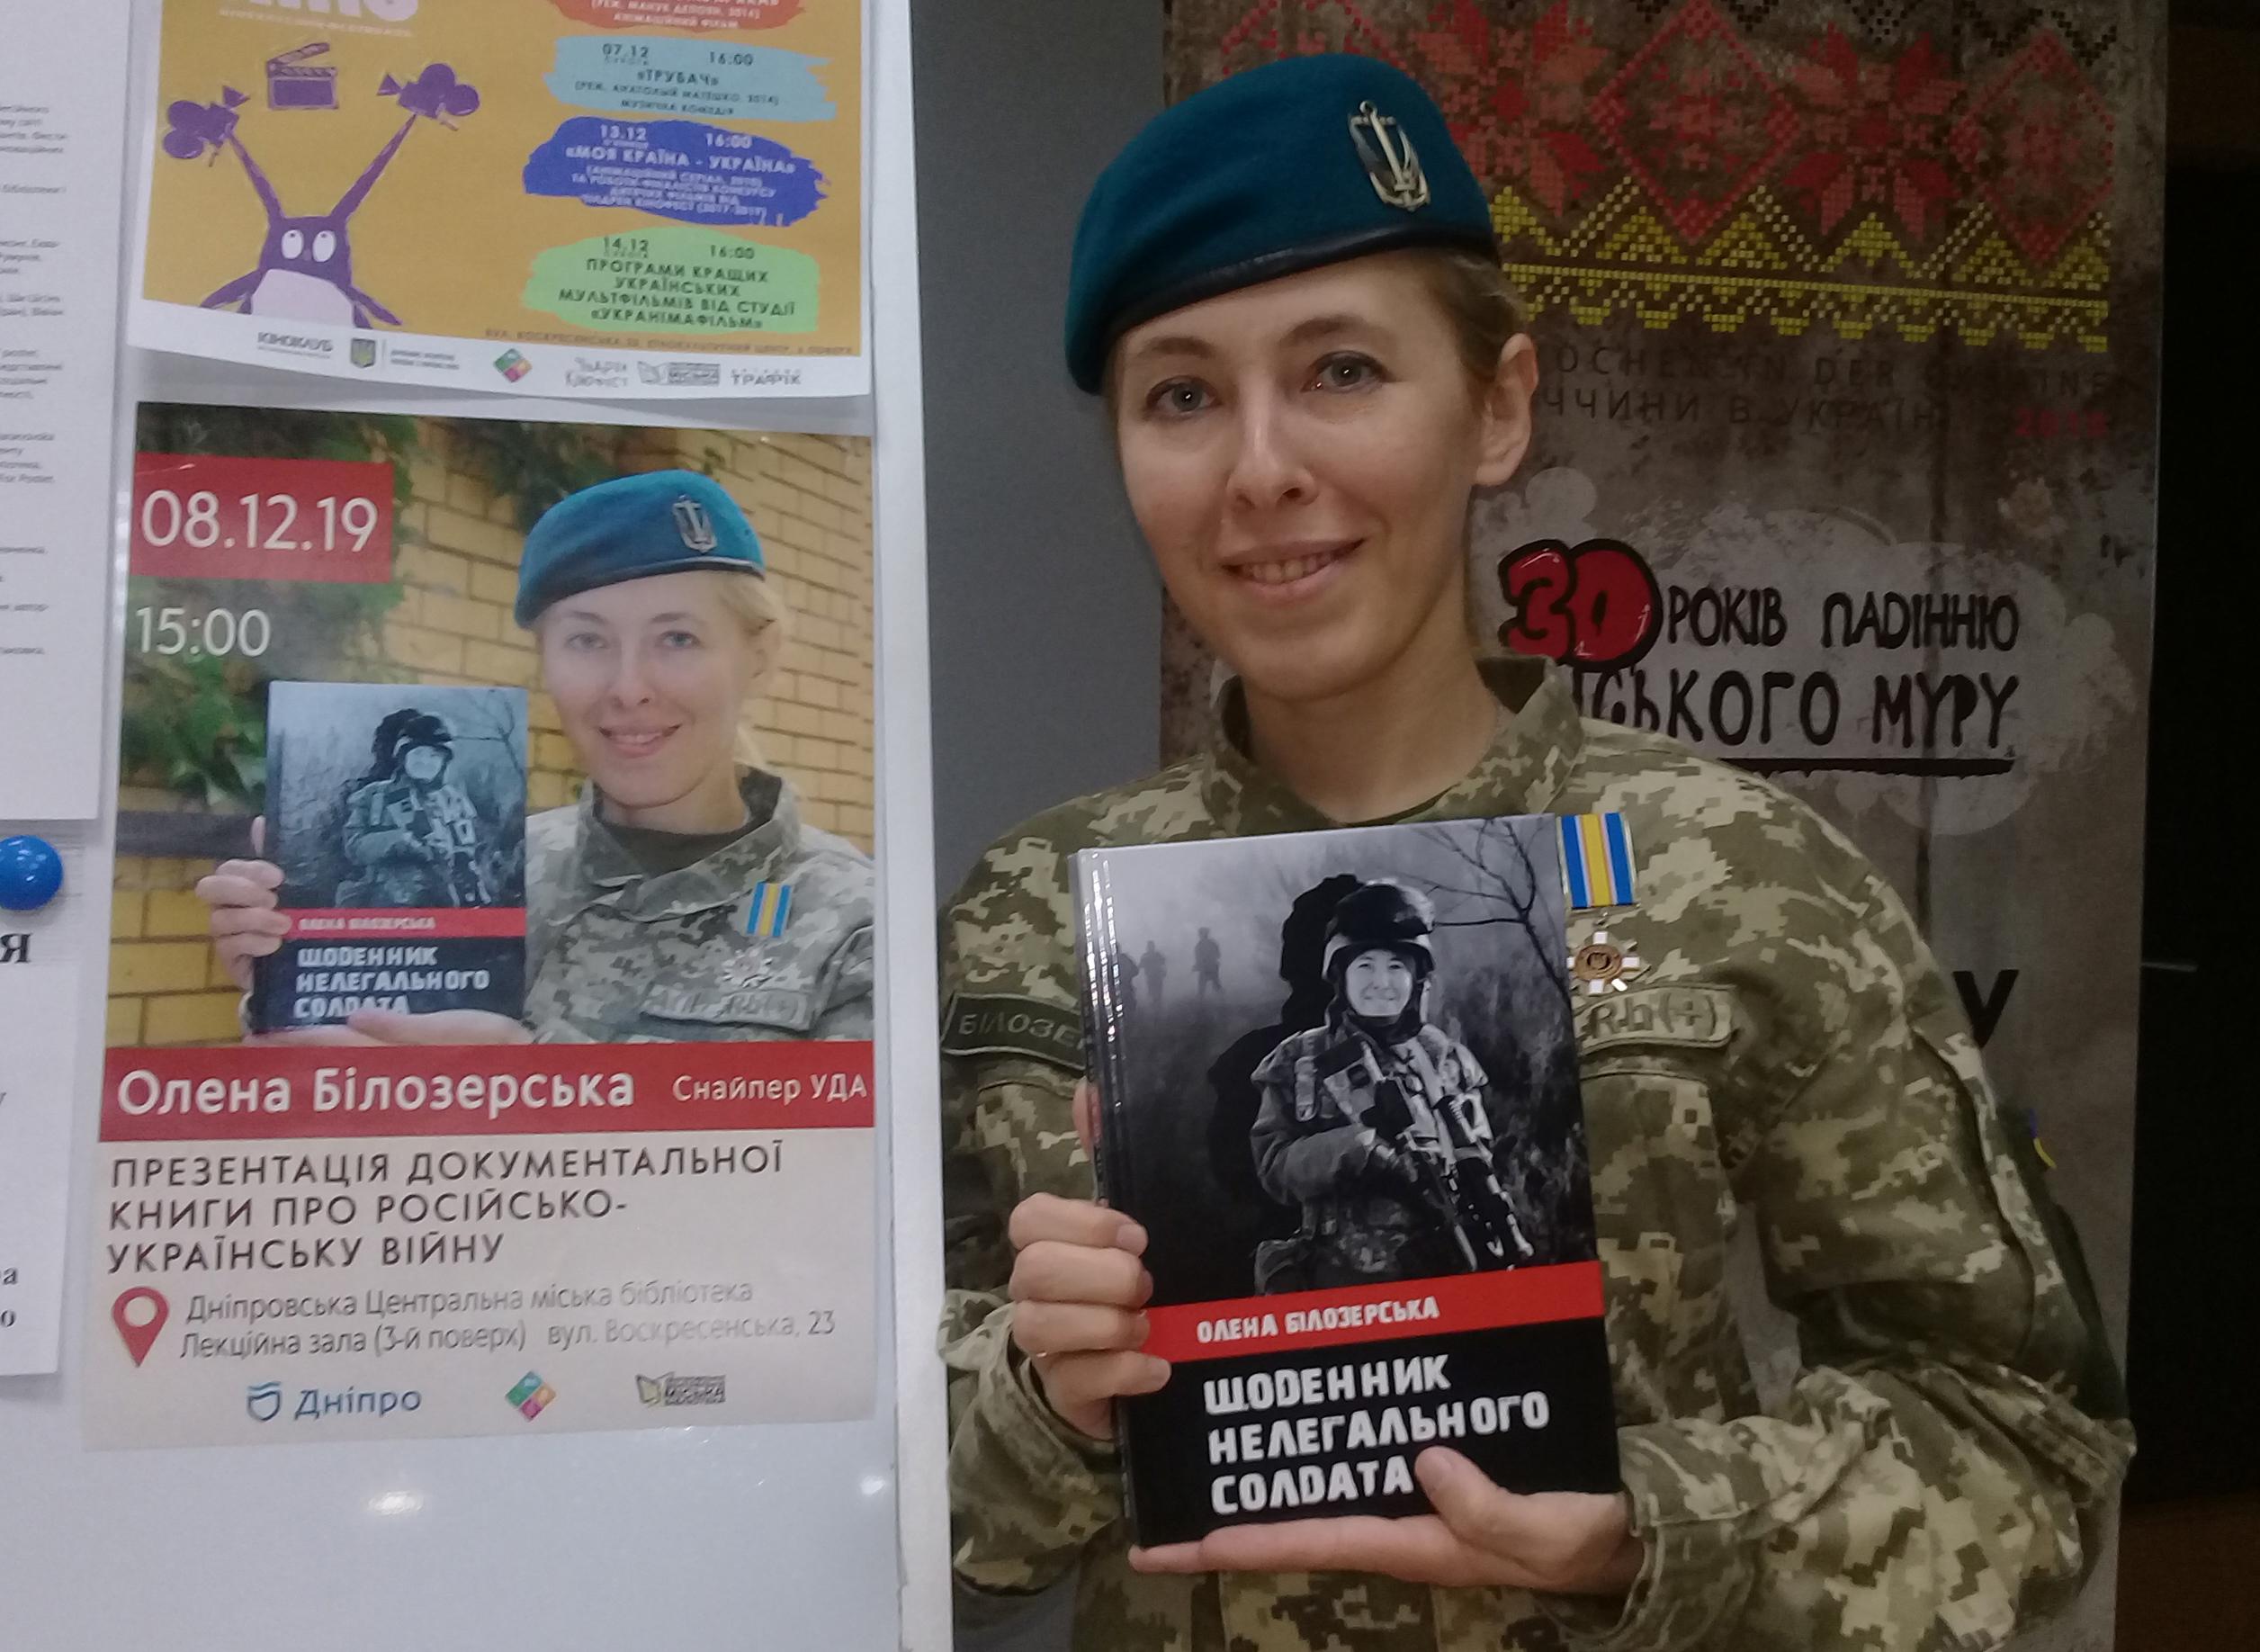 """Презентація """"Щоденника нелегального солдата"""" в Дніпрі (ФОТО)"""